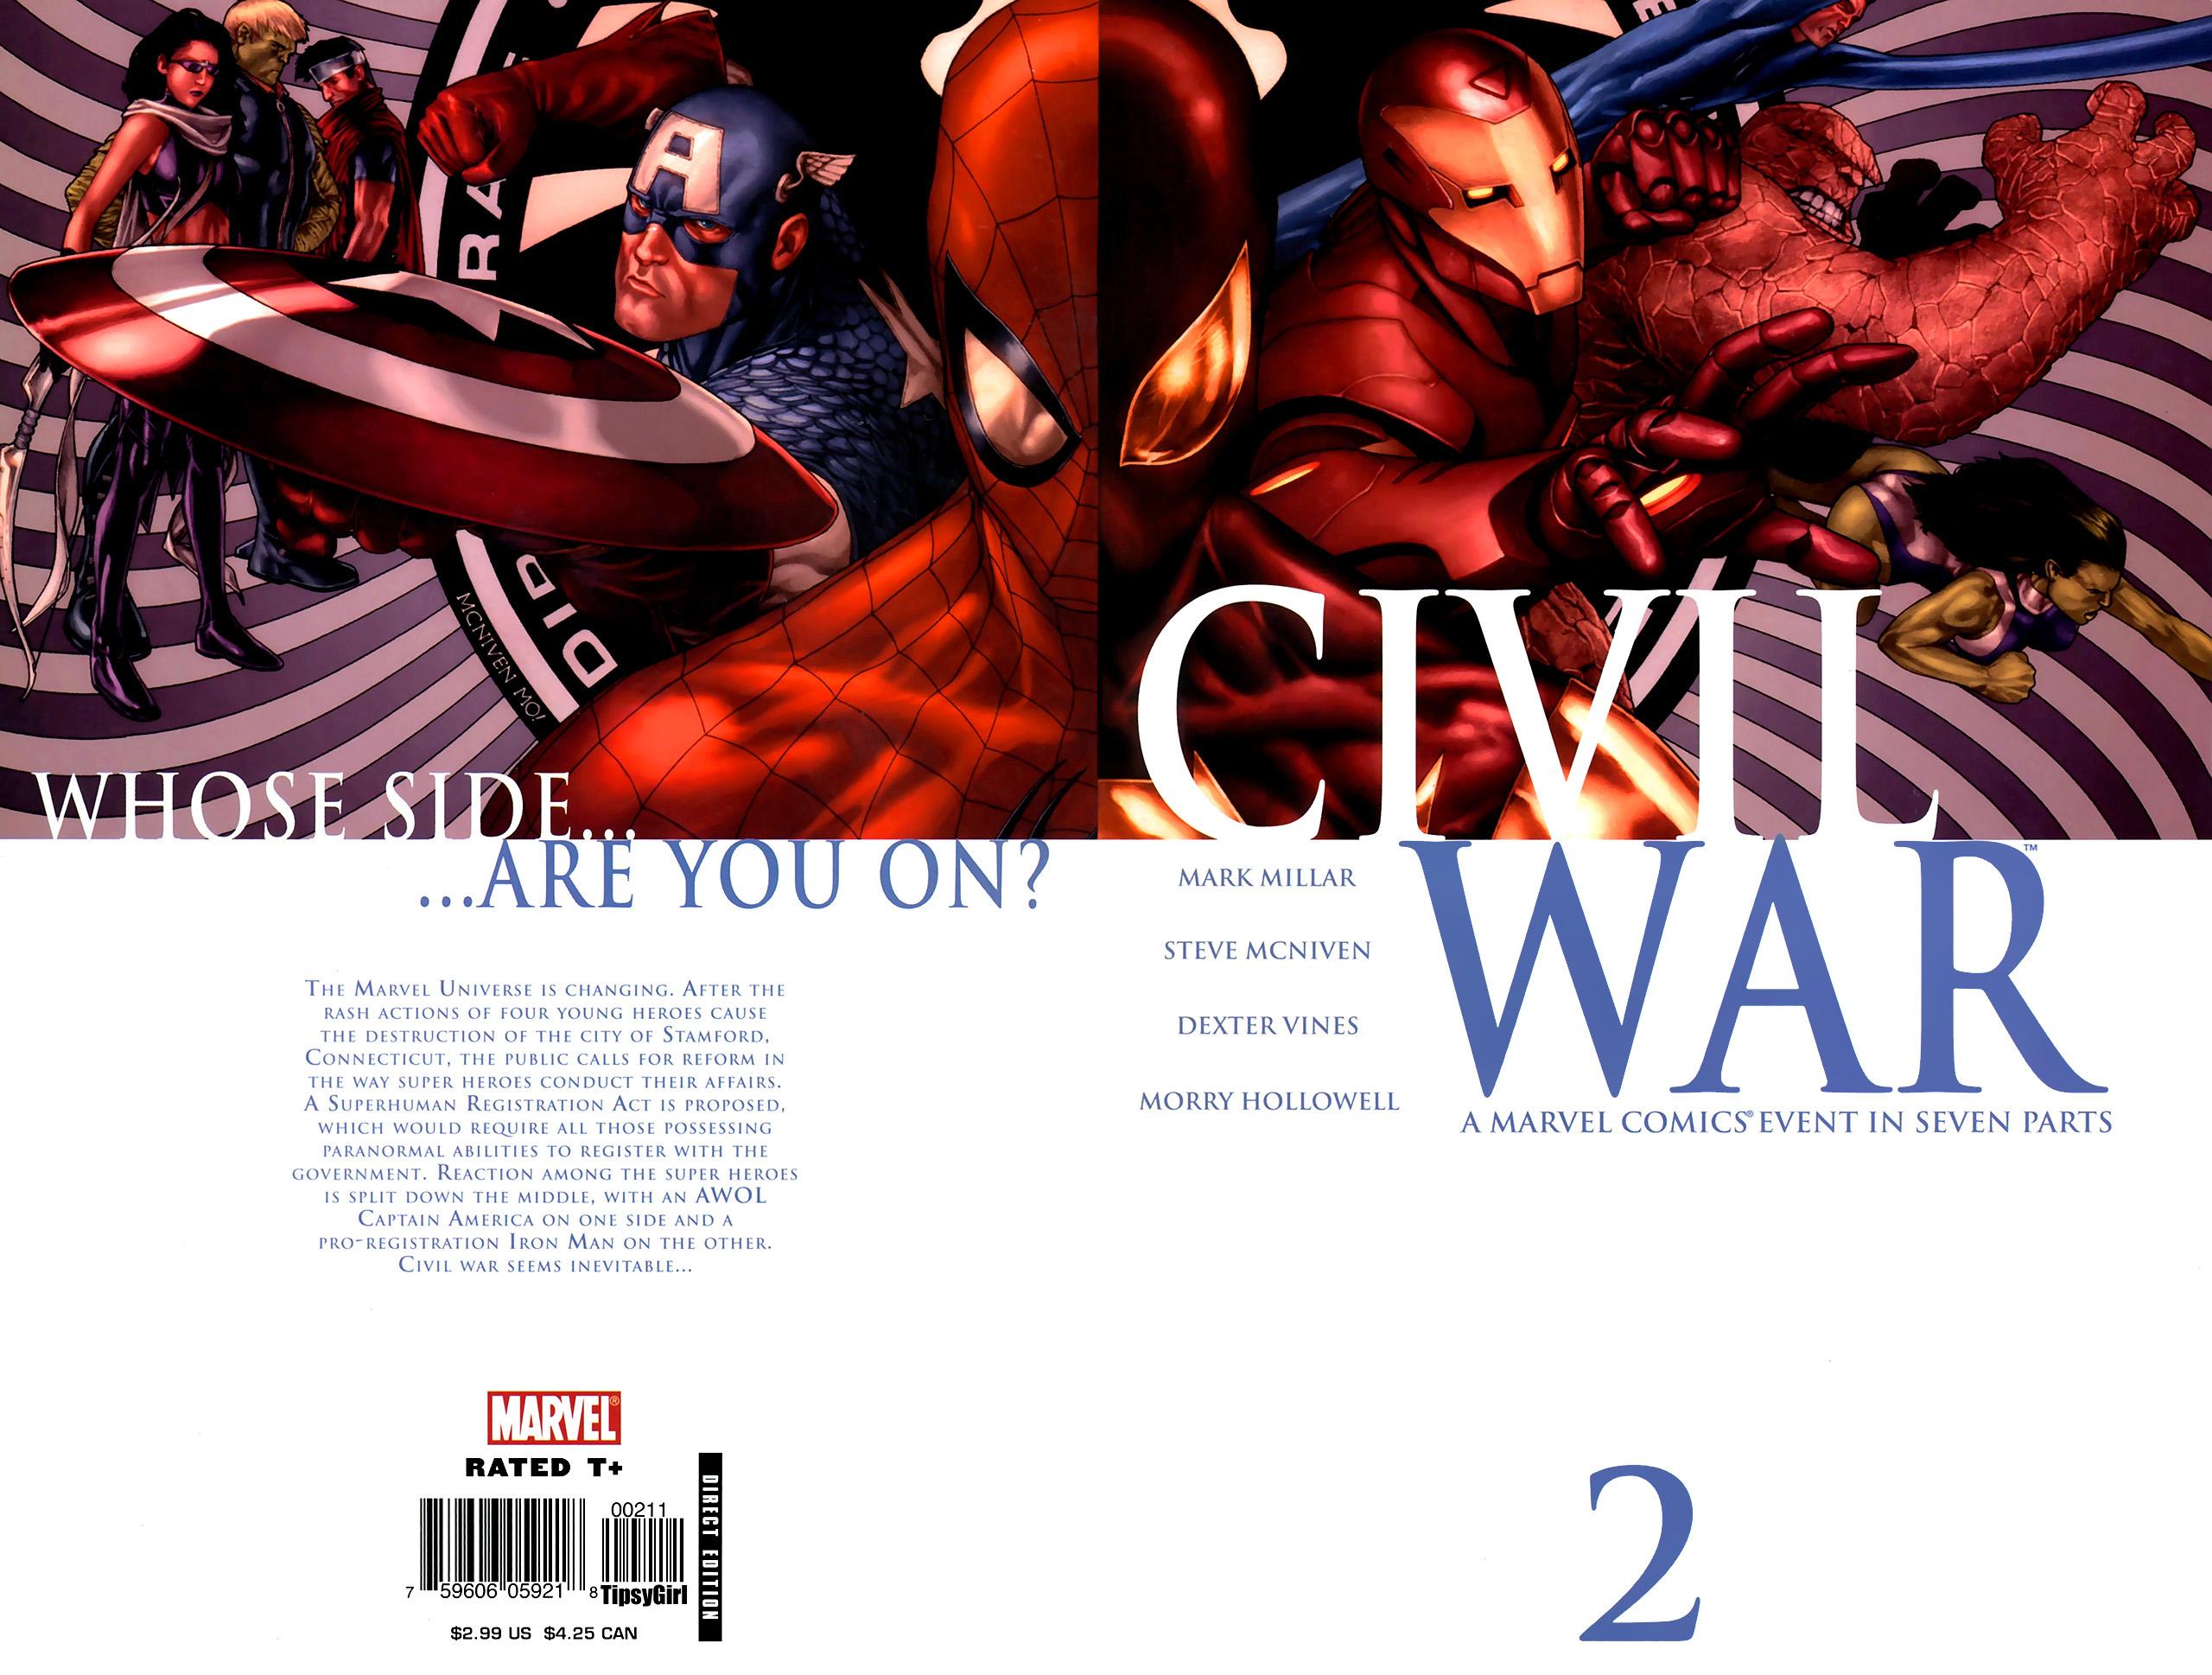 Civil_War_Vol_1_2_Wraparound